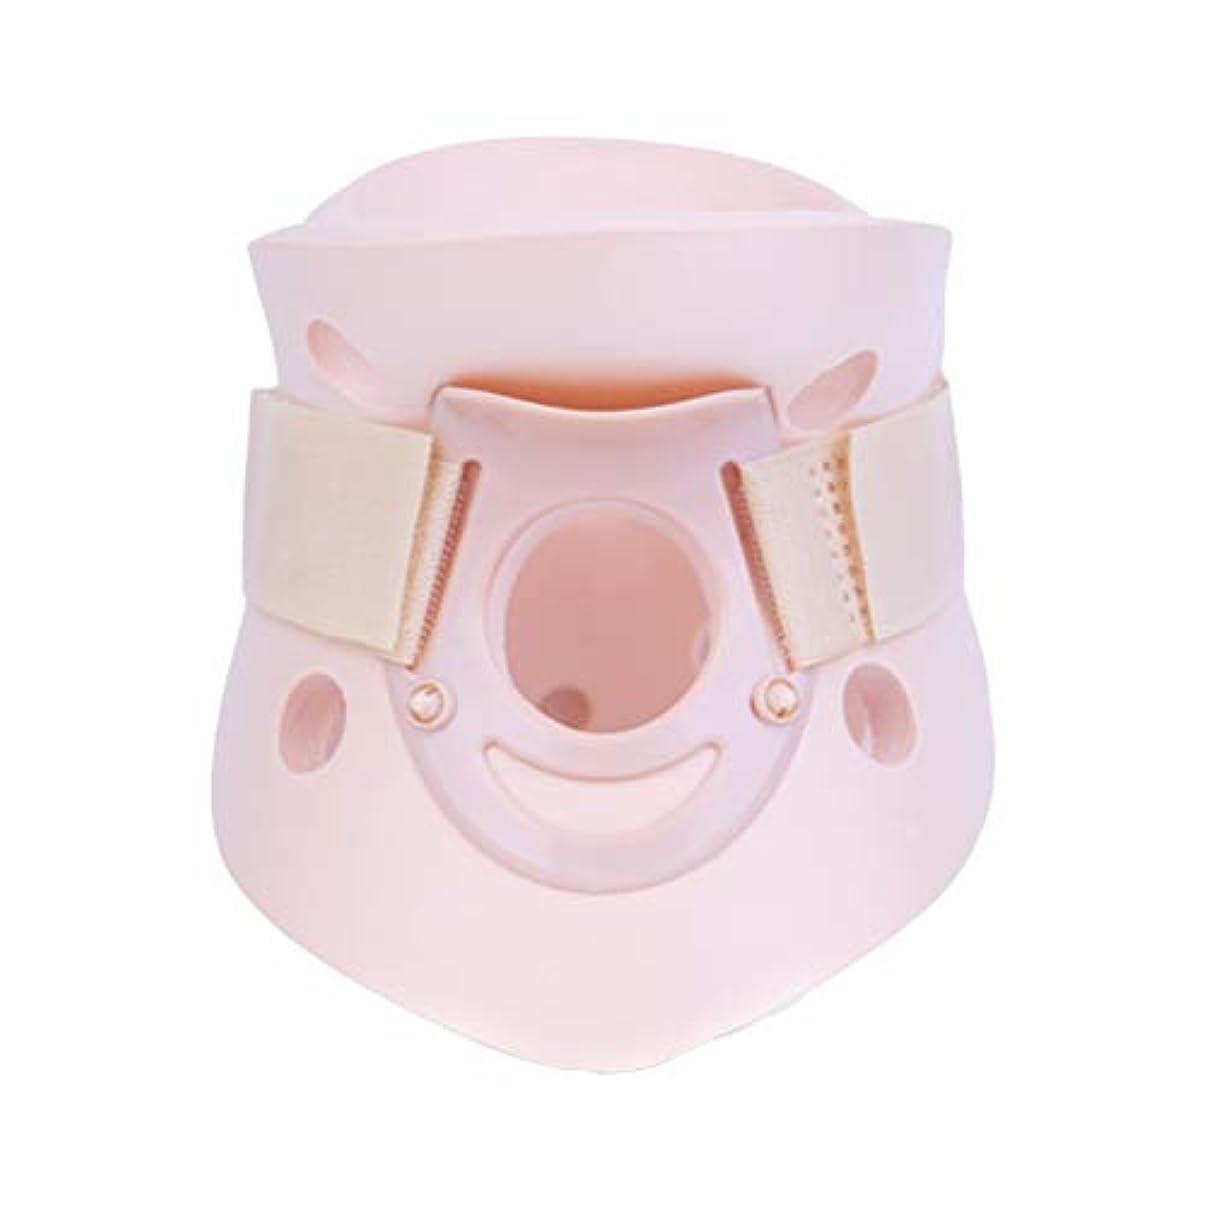 信条儀式立方体Healifty 頸部頸部牽引装置ホームケア頸部牽引装置サイズm